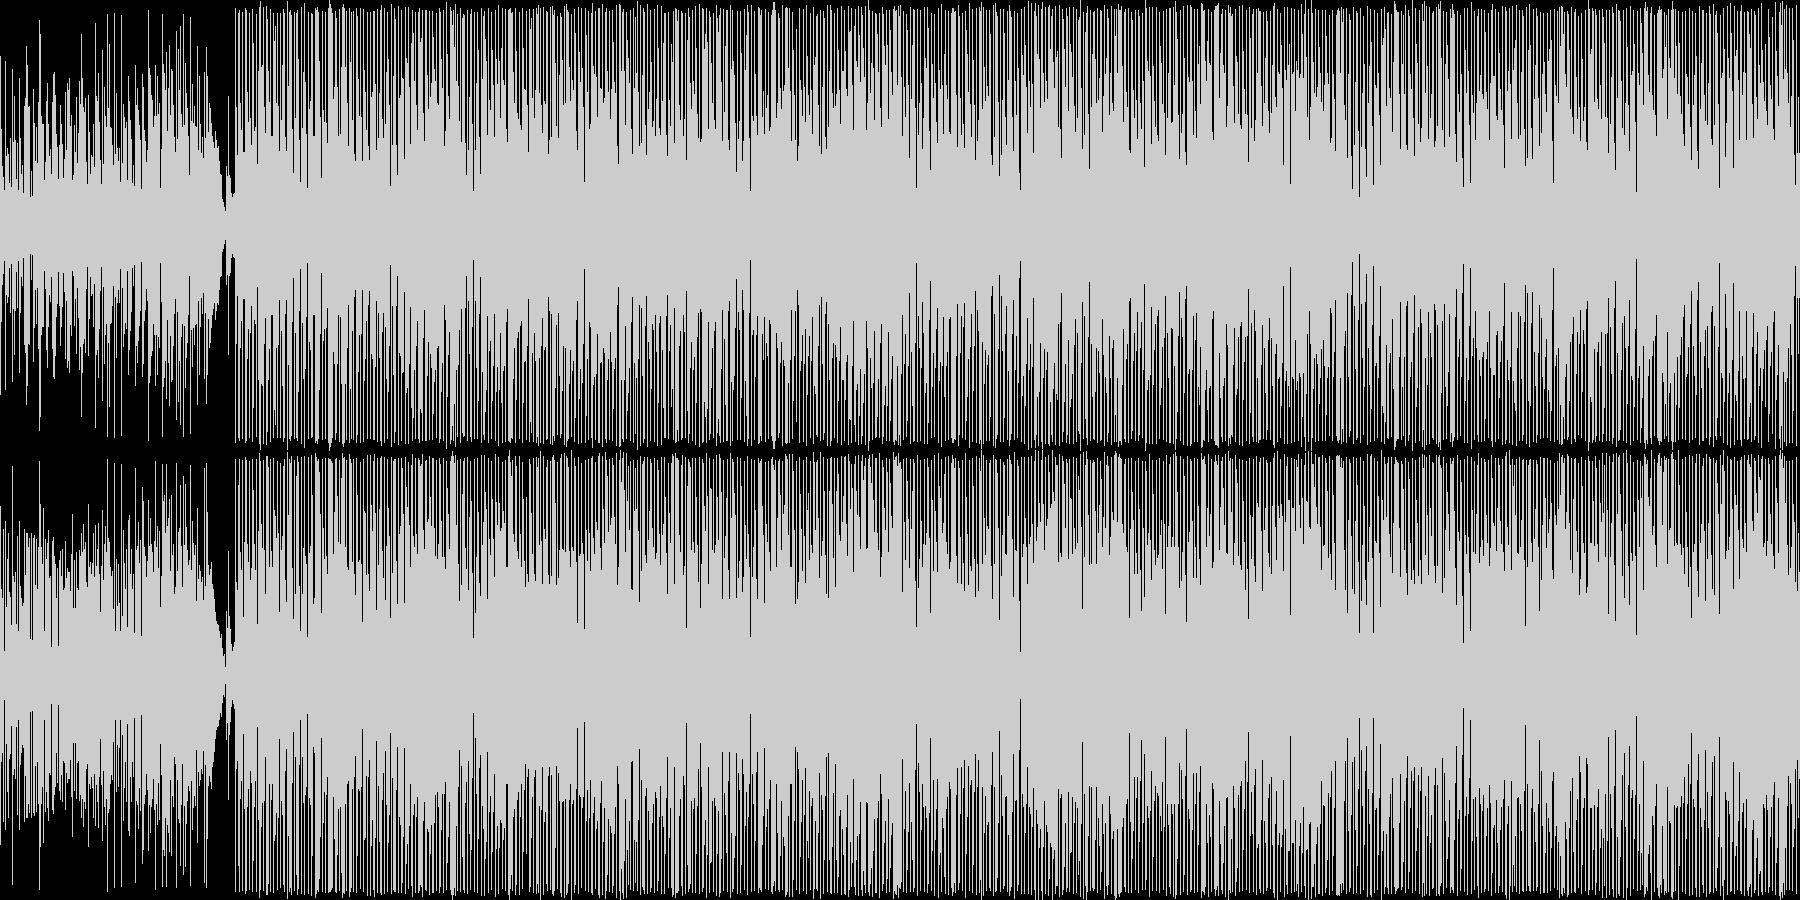 印象的なメロディのポップな楽曲です。様…の未再生の波形